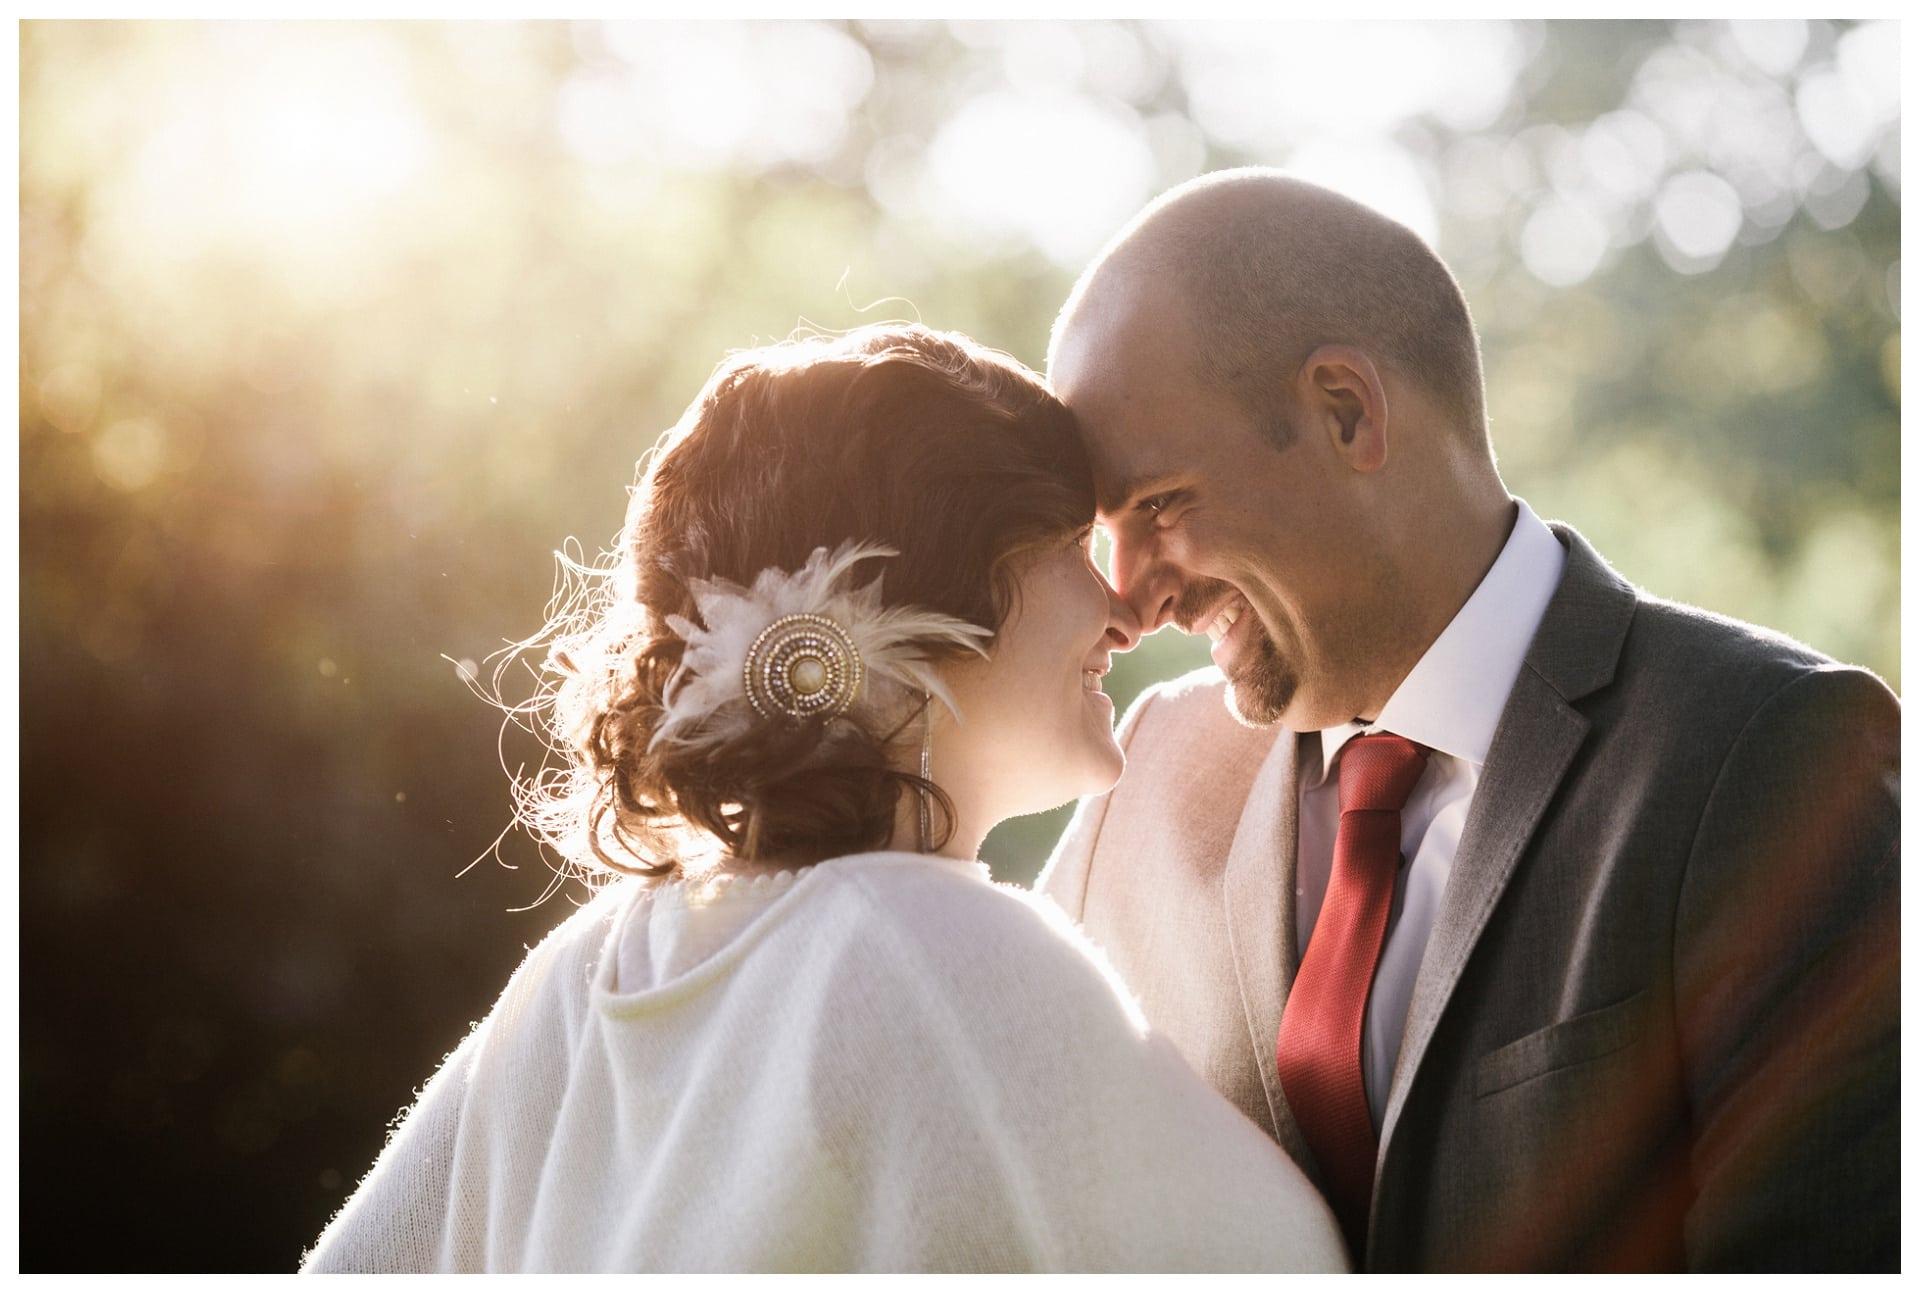 Hochzeitsfotograf Lübeck, Hochzeitsfotos, Hochzeitsbilder